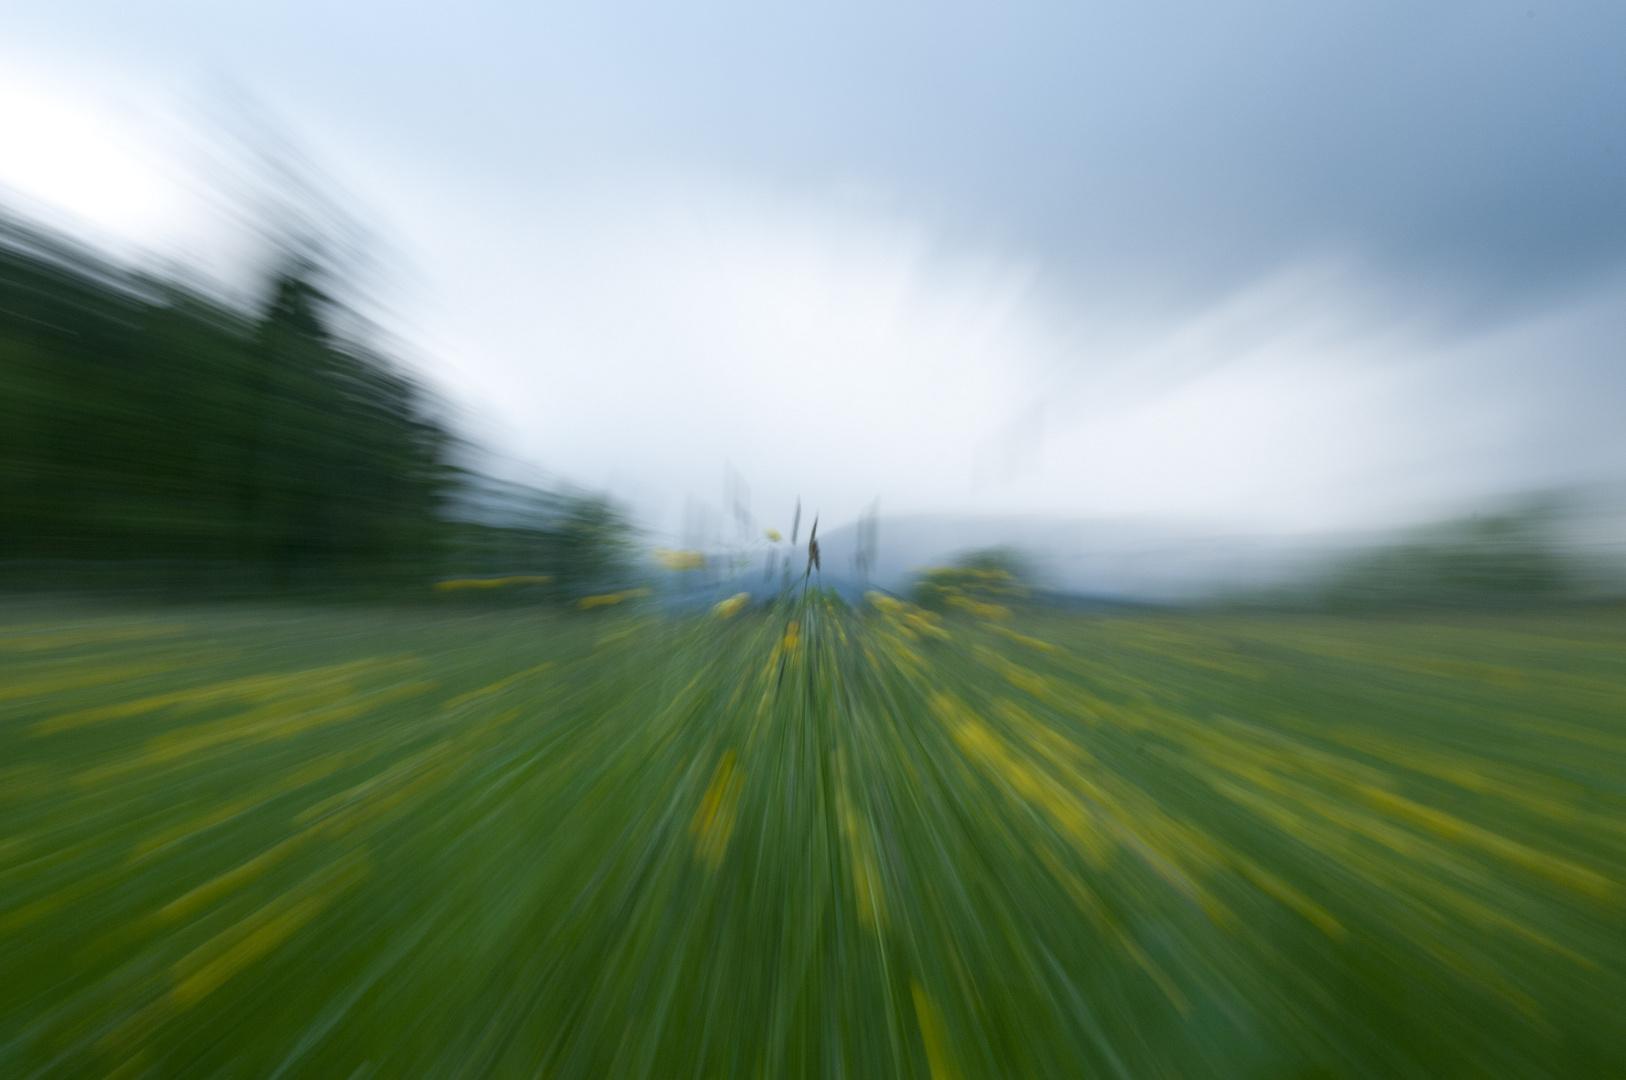 Blumenwiese mit Gewitterwolken im Hintergrund mal anders